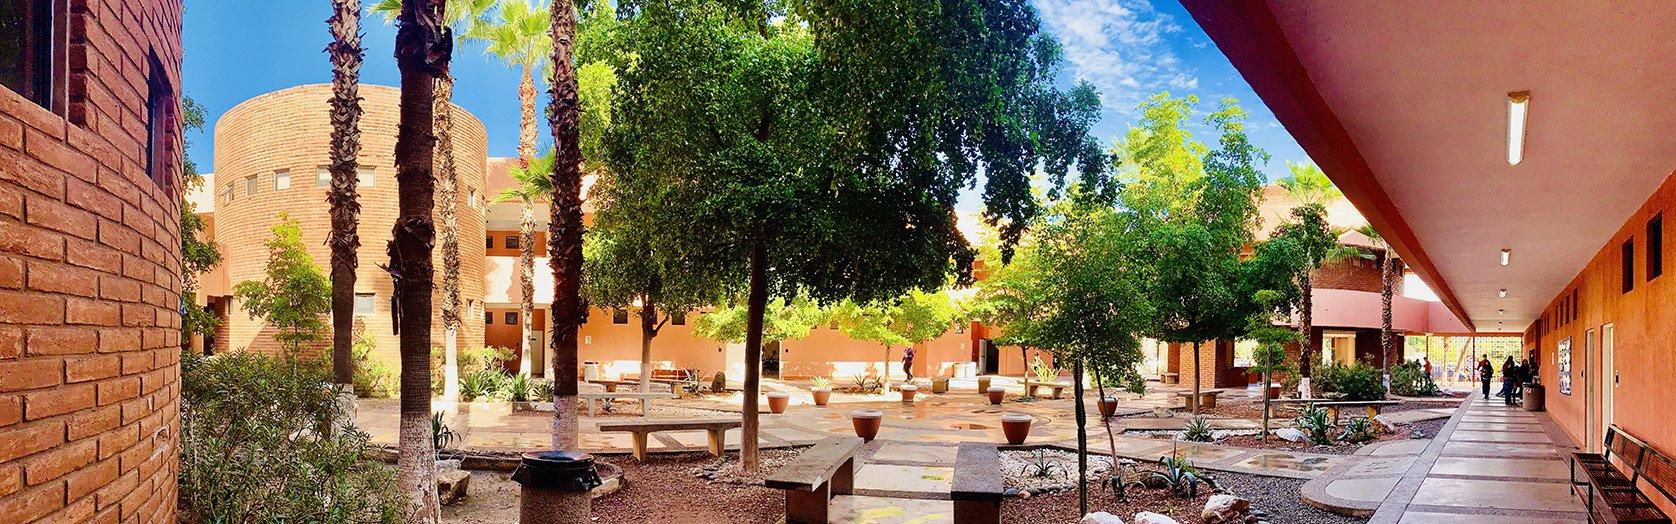 Patio Central de la Universidad de Sonora.  Edificios naranjas y en el centro árboles y palmeras